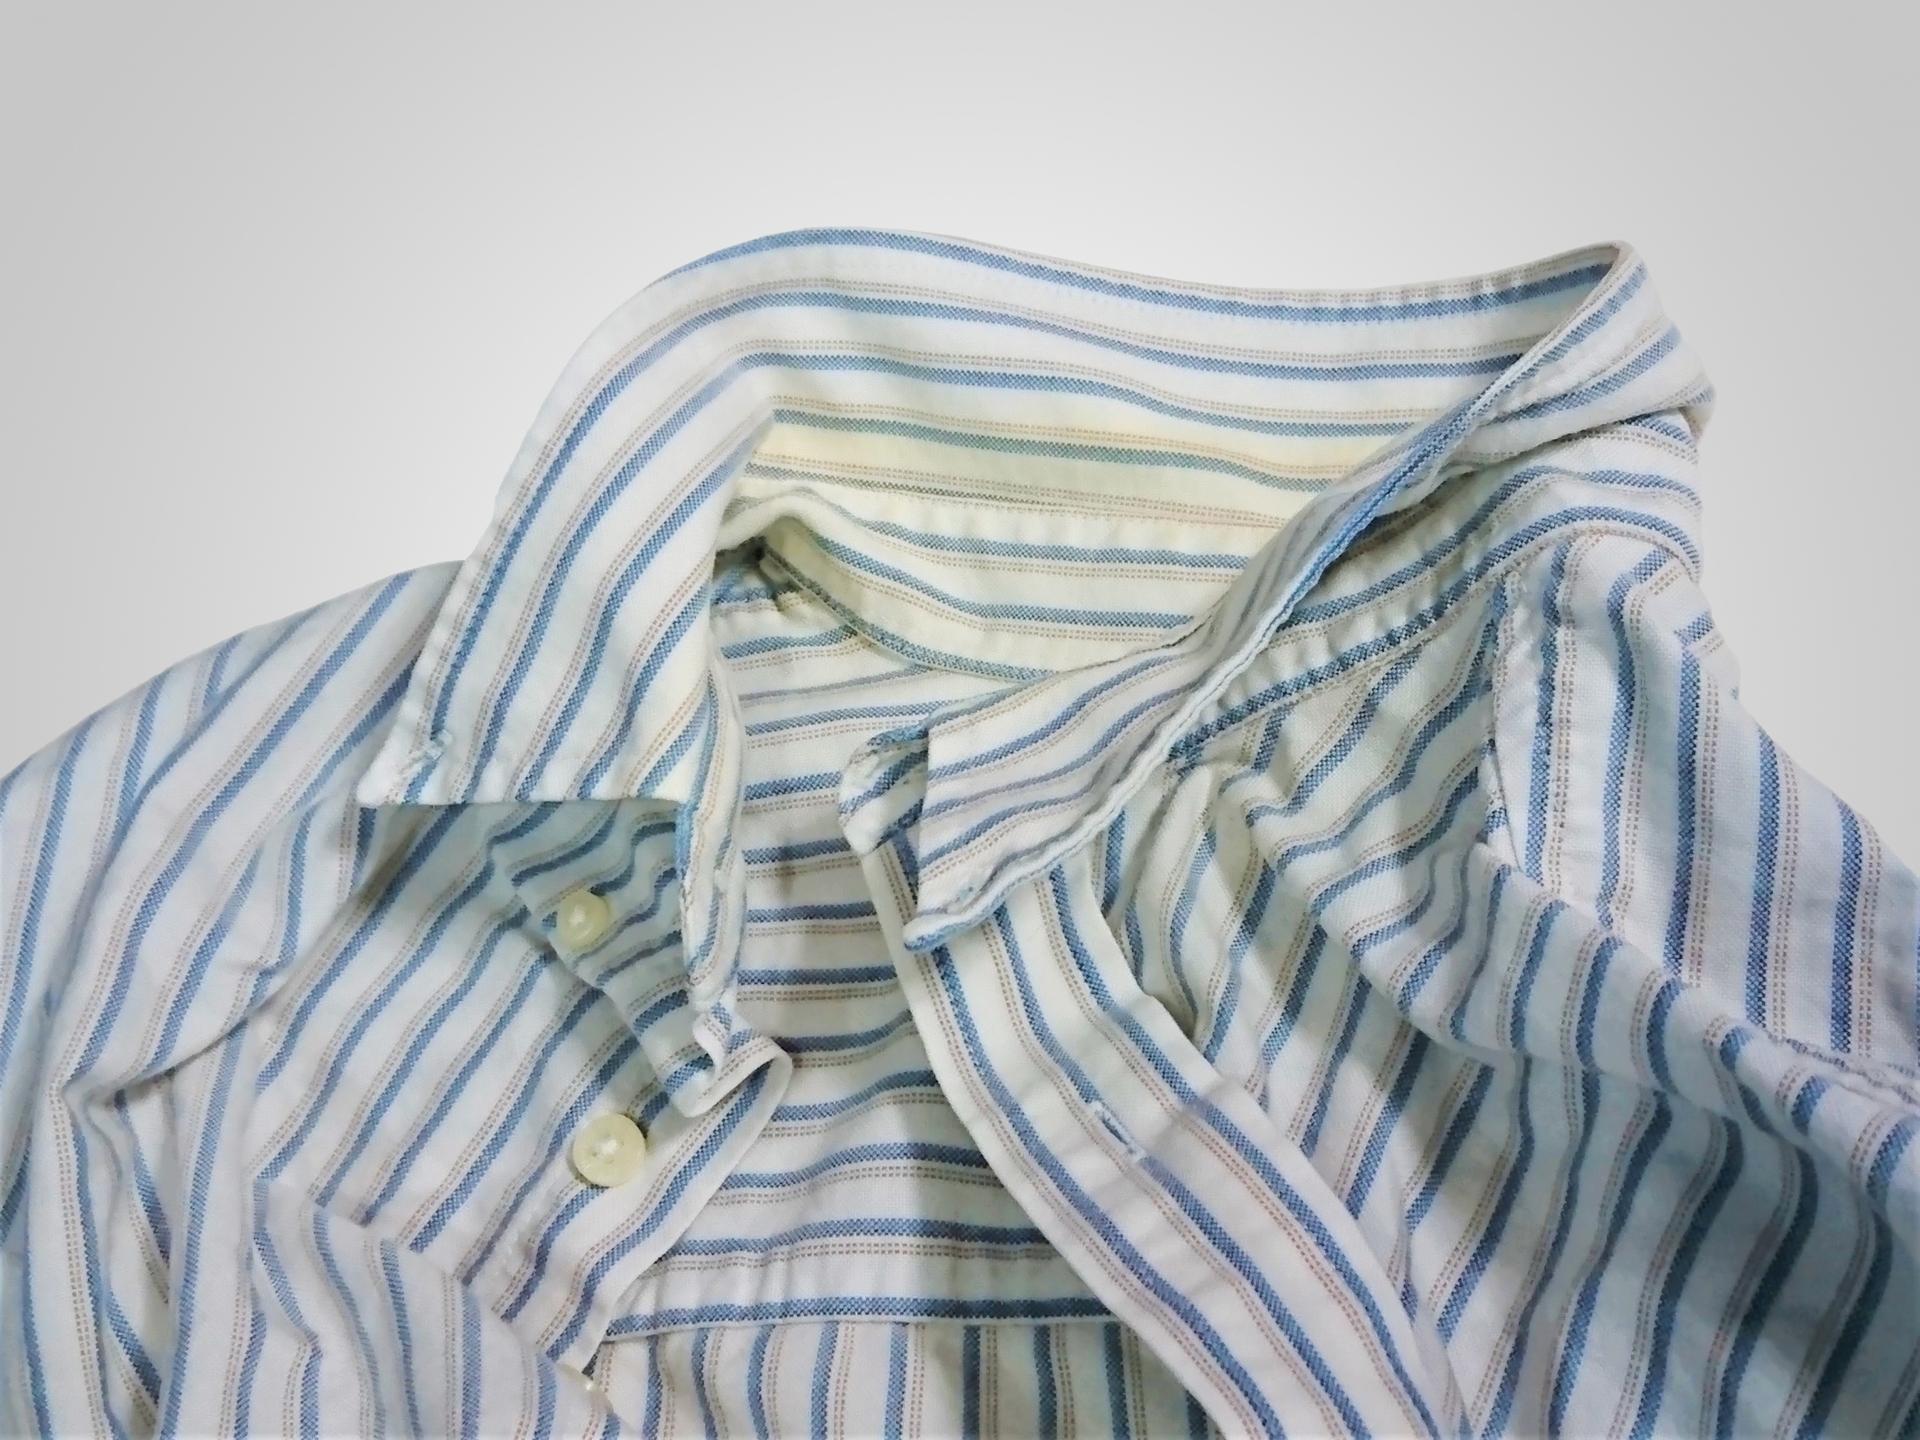 ワイシャツを洗濯すると縮むのはなぜ?その原因についてご紹介